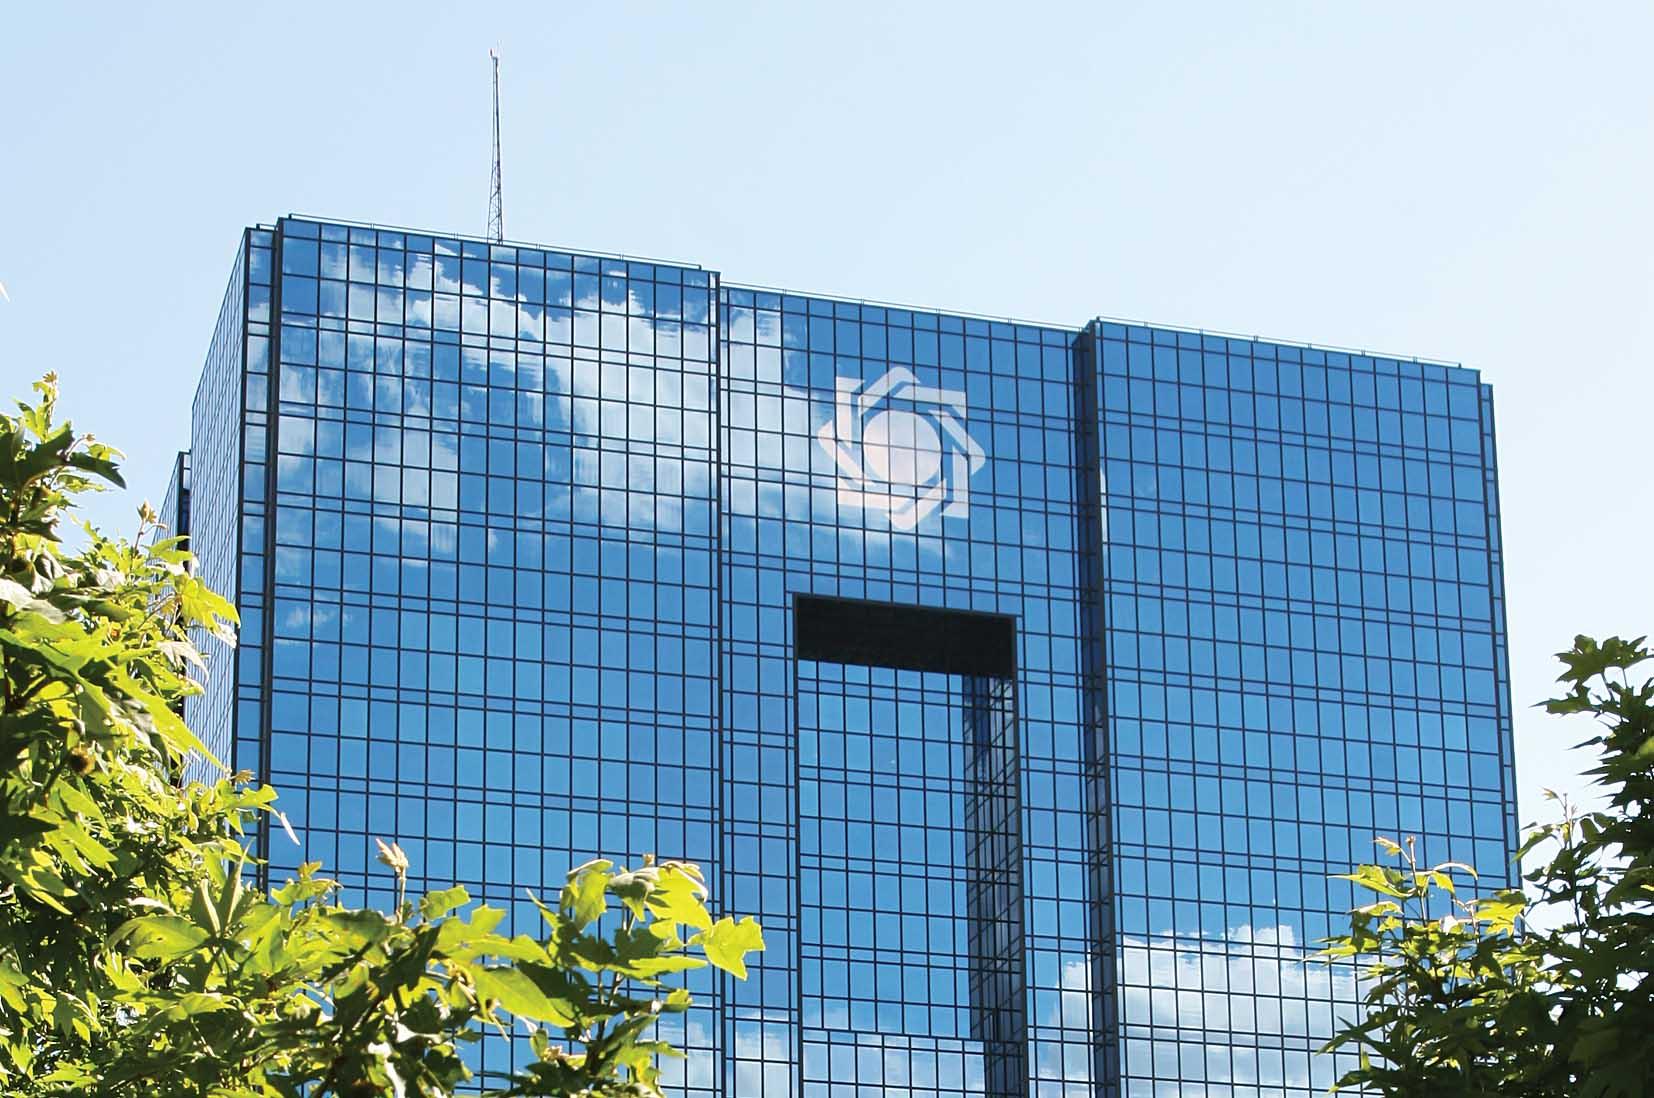 بانک مرکزی دستورالعمل خرید و فروش ارز در صرافیهای مجاز را ابلاغ کرد